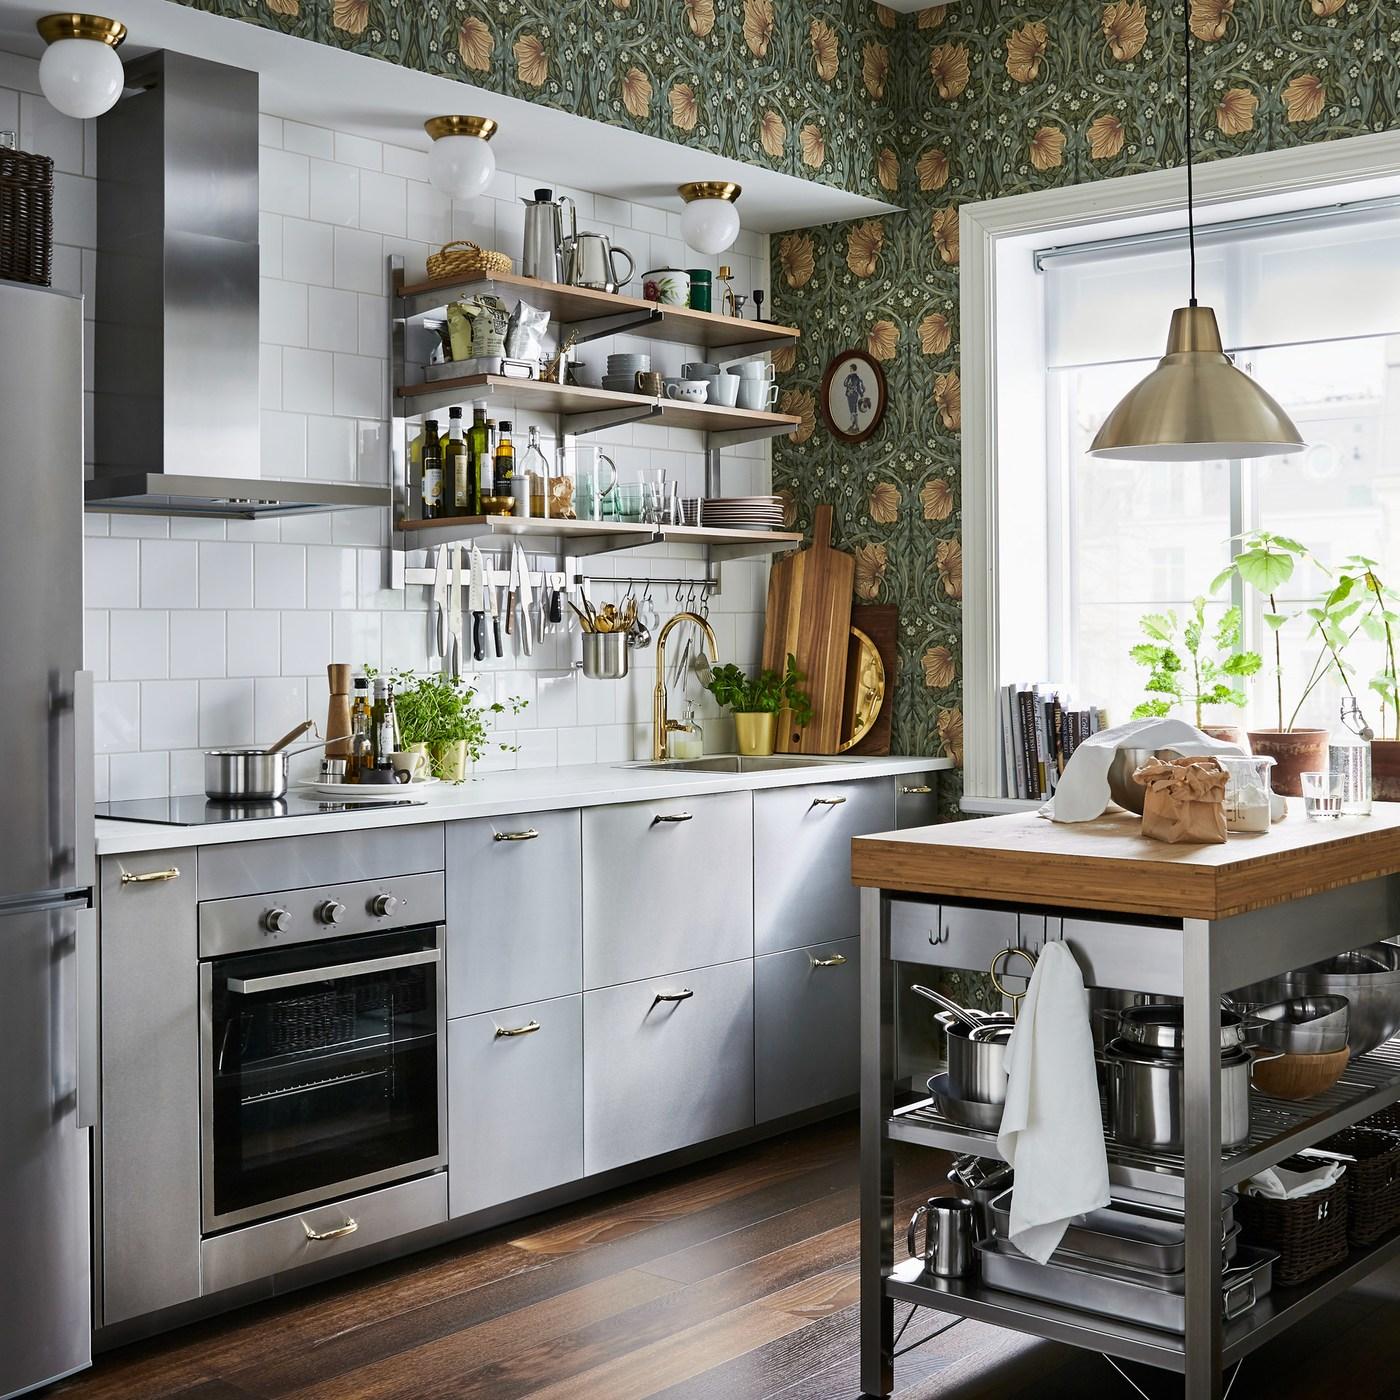 Full Size of Ikea Küche Kosten Kaufen Landhausküche Gebraucht Chesterfield Sofa Grau Weiß Betten 160x200 Miniküche Bett Moderne Bei 3 Sitzer Graues Regal Leder Xxl Wohnzimmer Ikea Landhausküche Grau